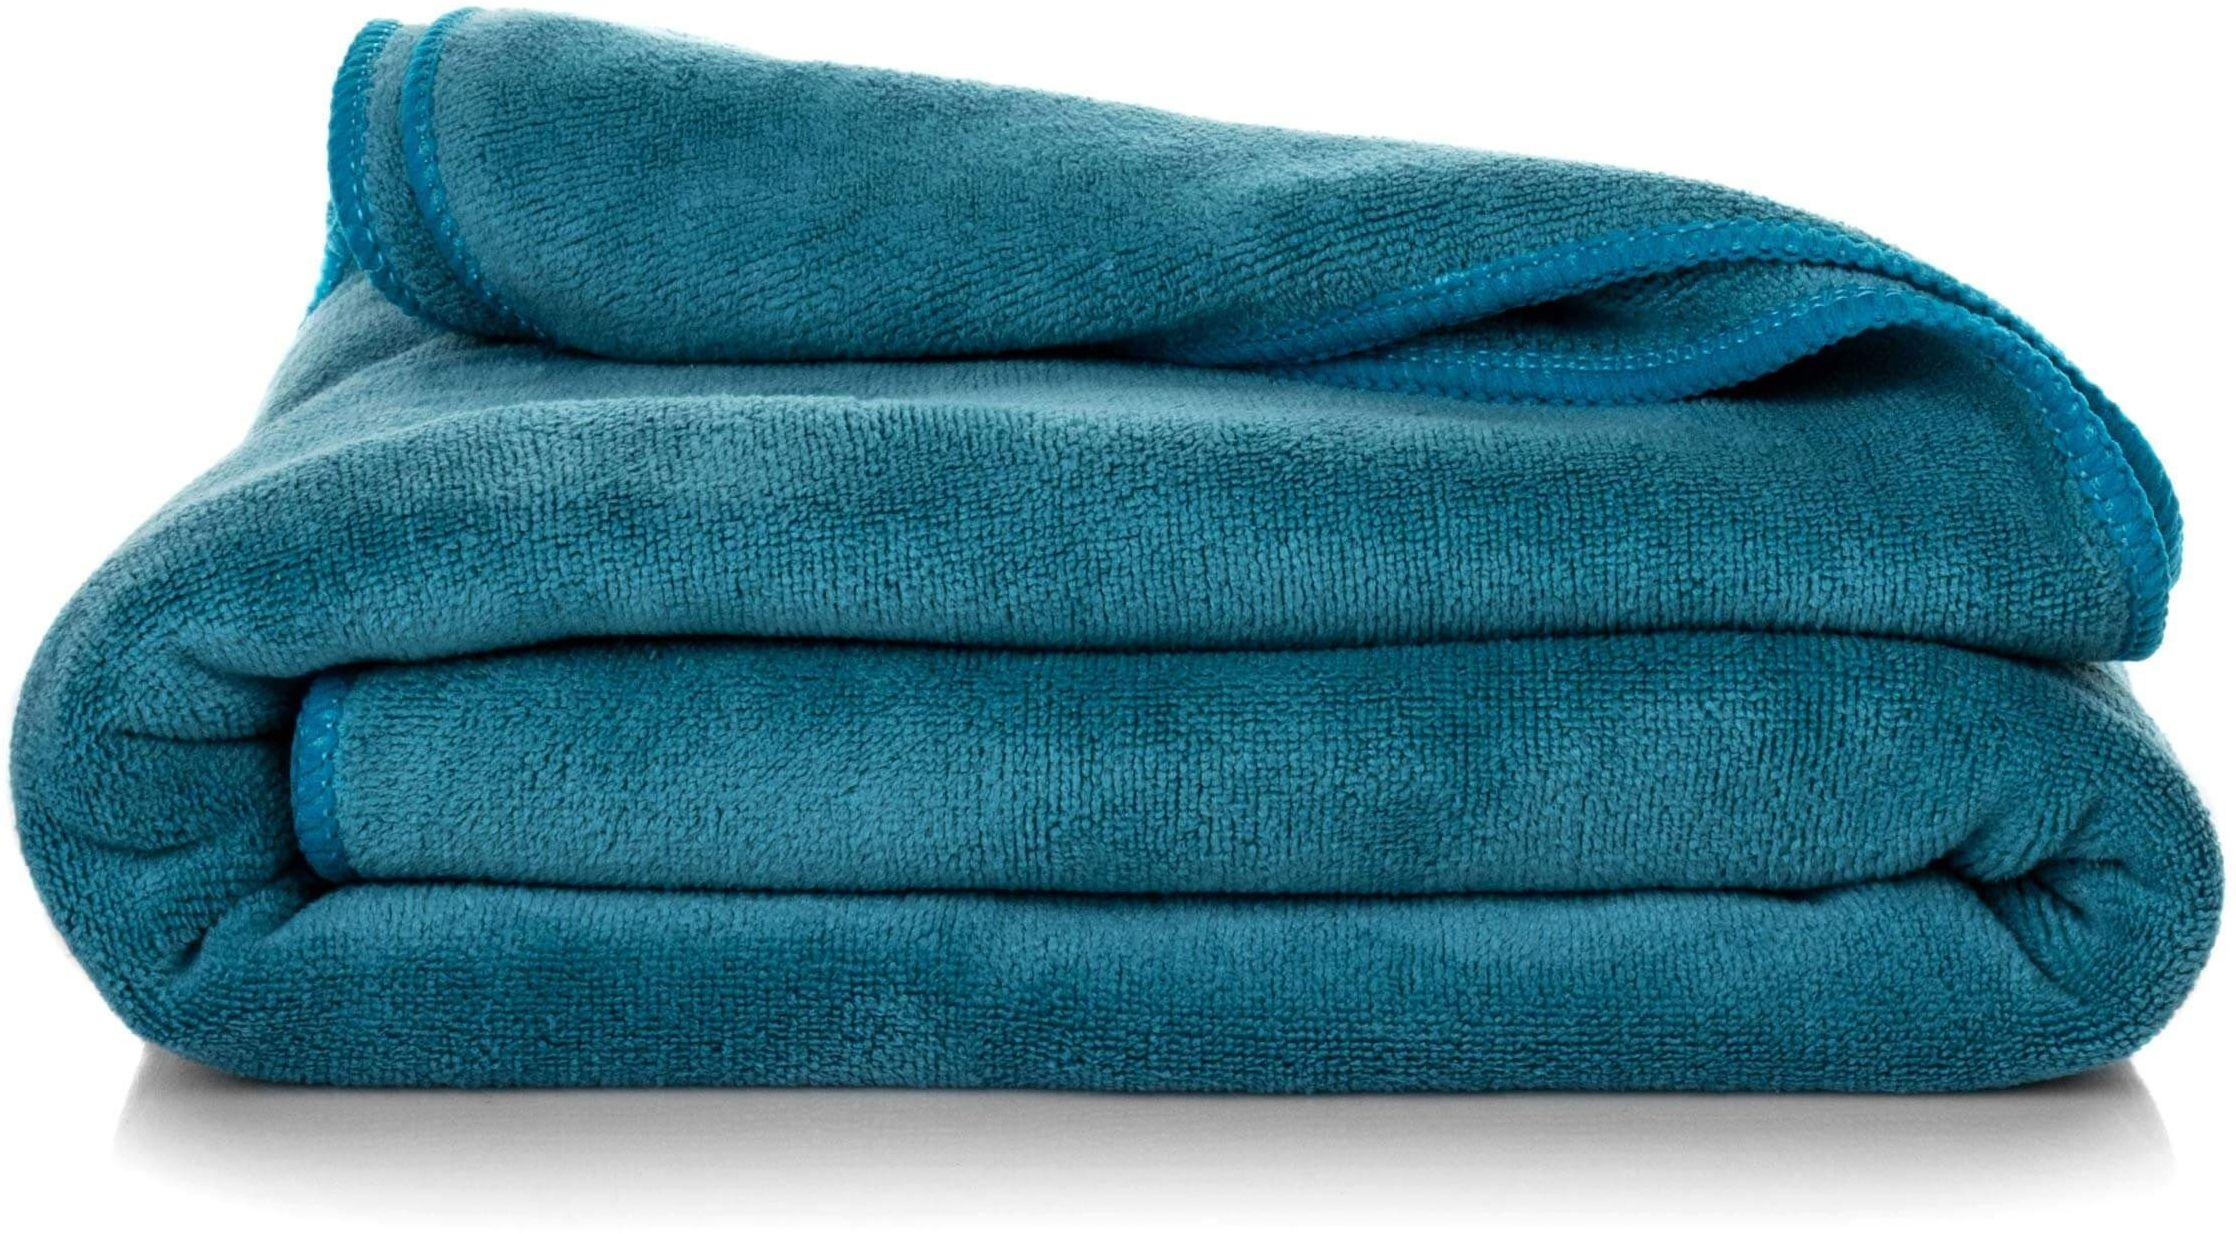 Ręcznik Kąpielowy Eurofirany Amy 08 380 g/m2 Turkusowy 30x30